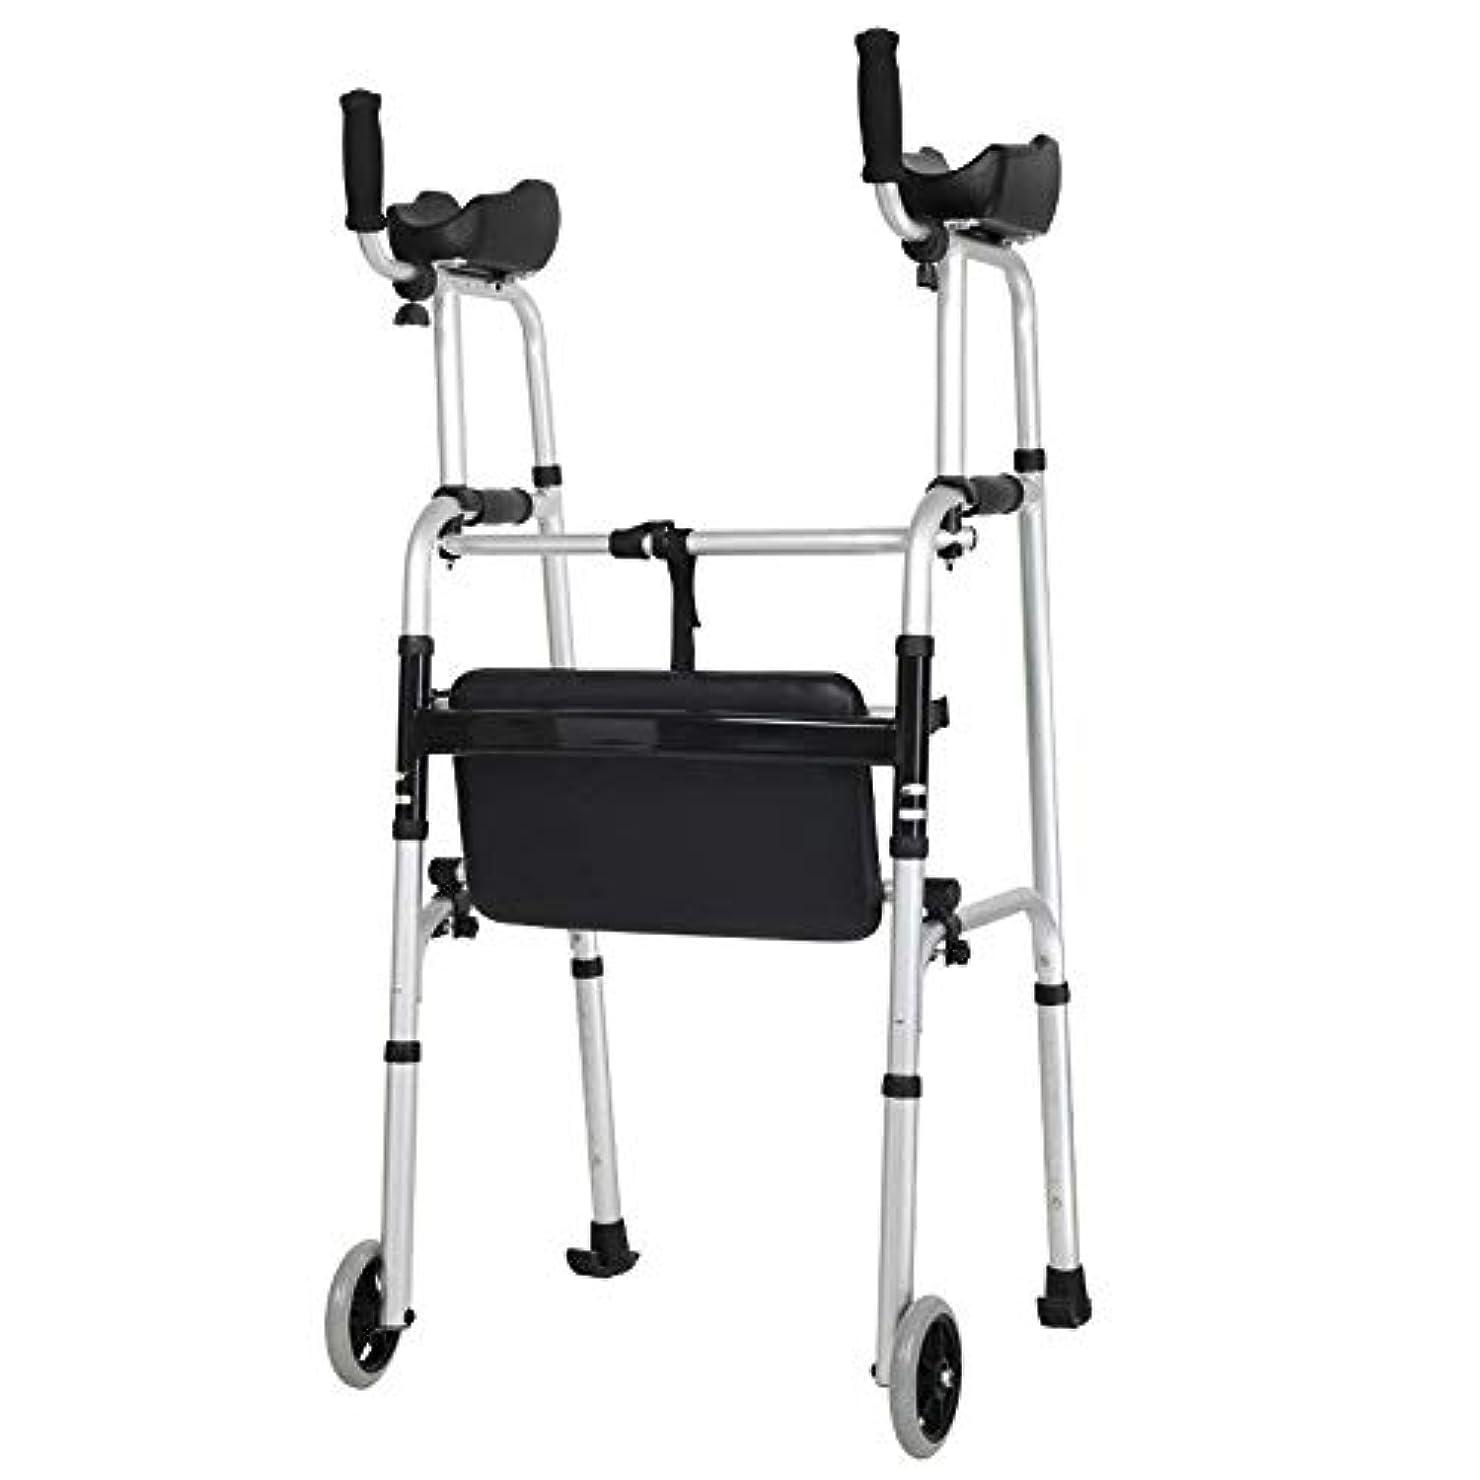 ダブルアームウォーカー、パッド入りシート付き多機能リハビリテーションフィットネスウォーカー